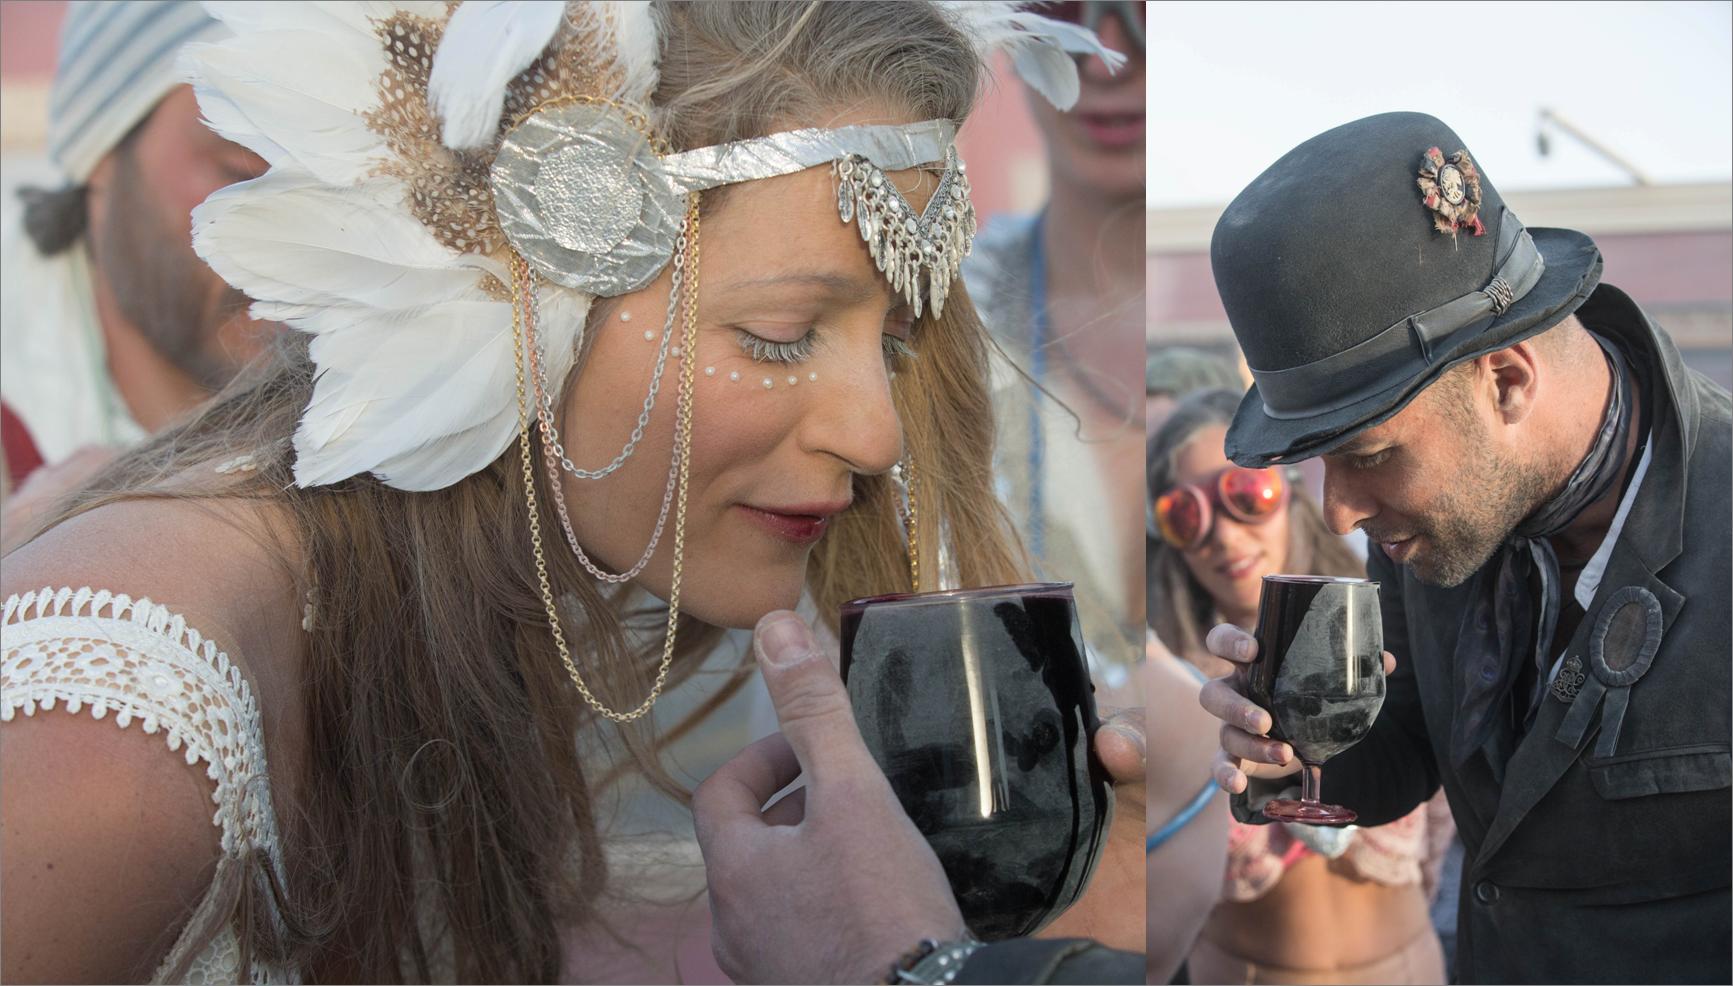 """ברכת היין המרגשת. Burningman 2016 (צילום: תומר פרץ. שמלה מושלמת: """"עמנואל"""", תכשיט ראש: רונית פורטל)"""